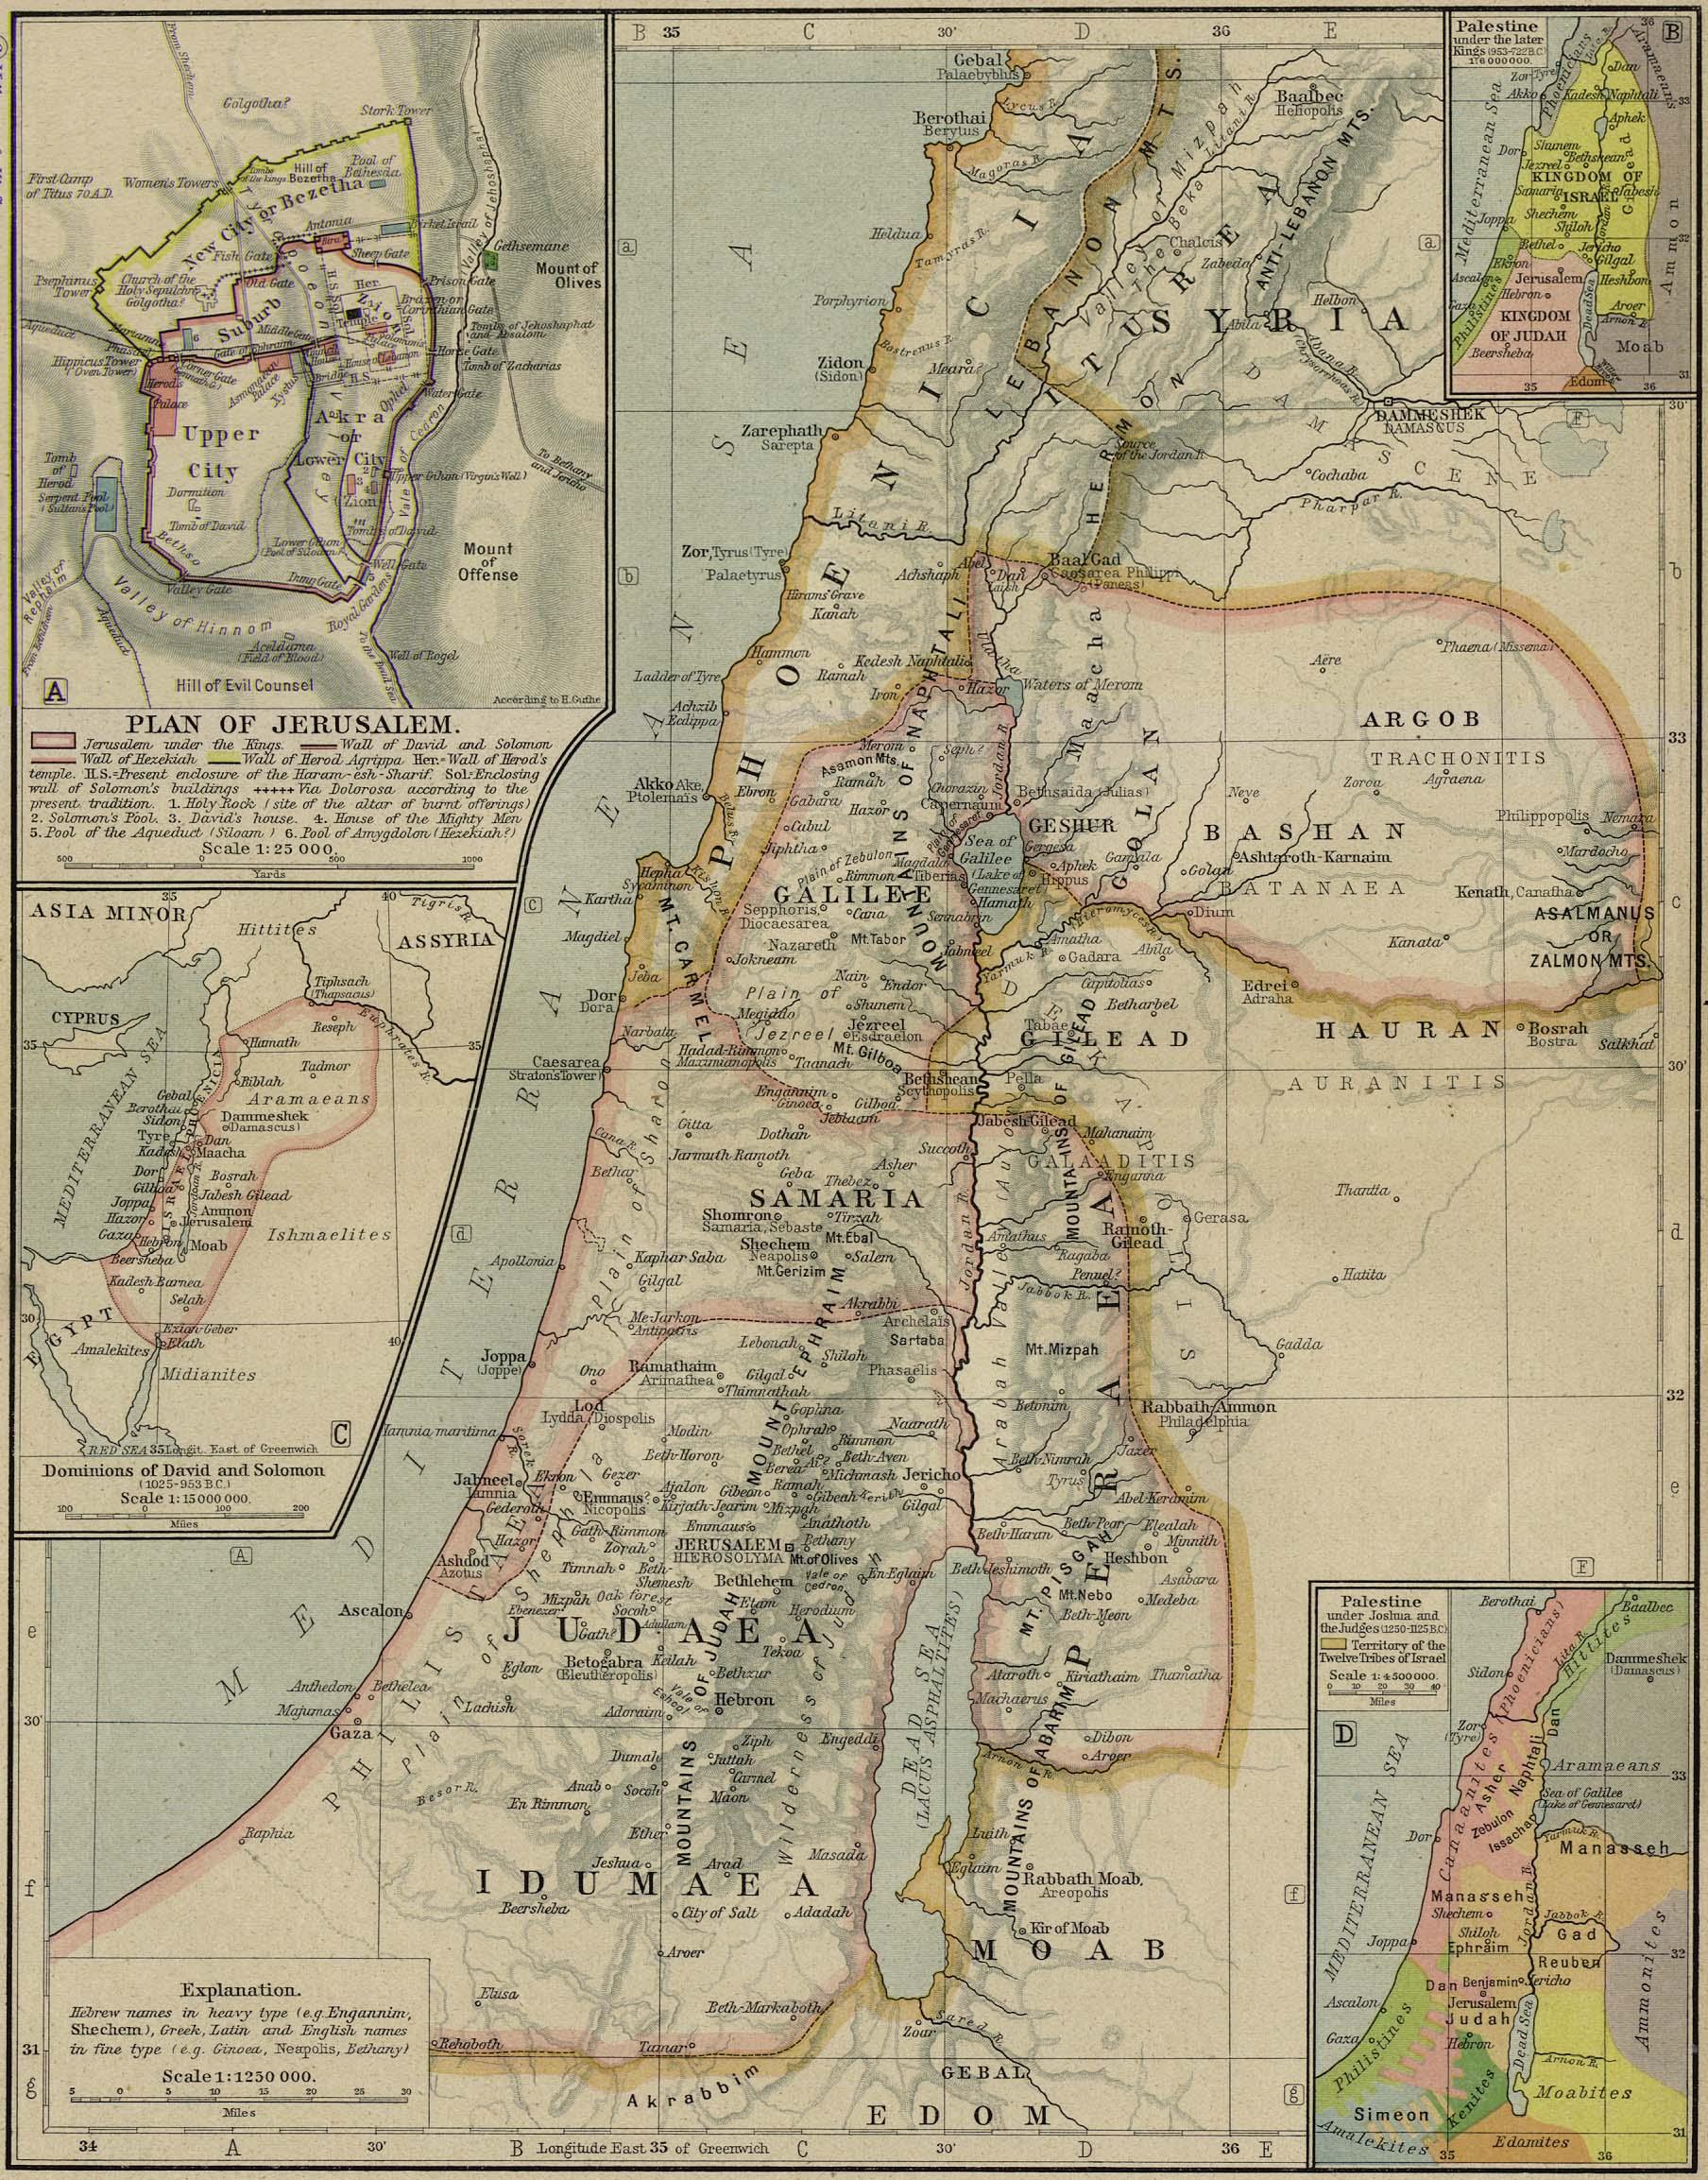 Mapa de la Antigua Palestina